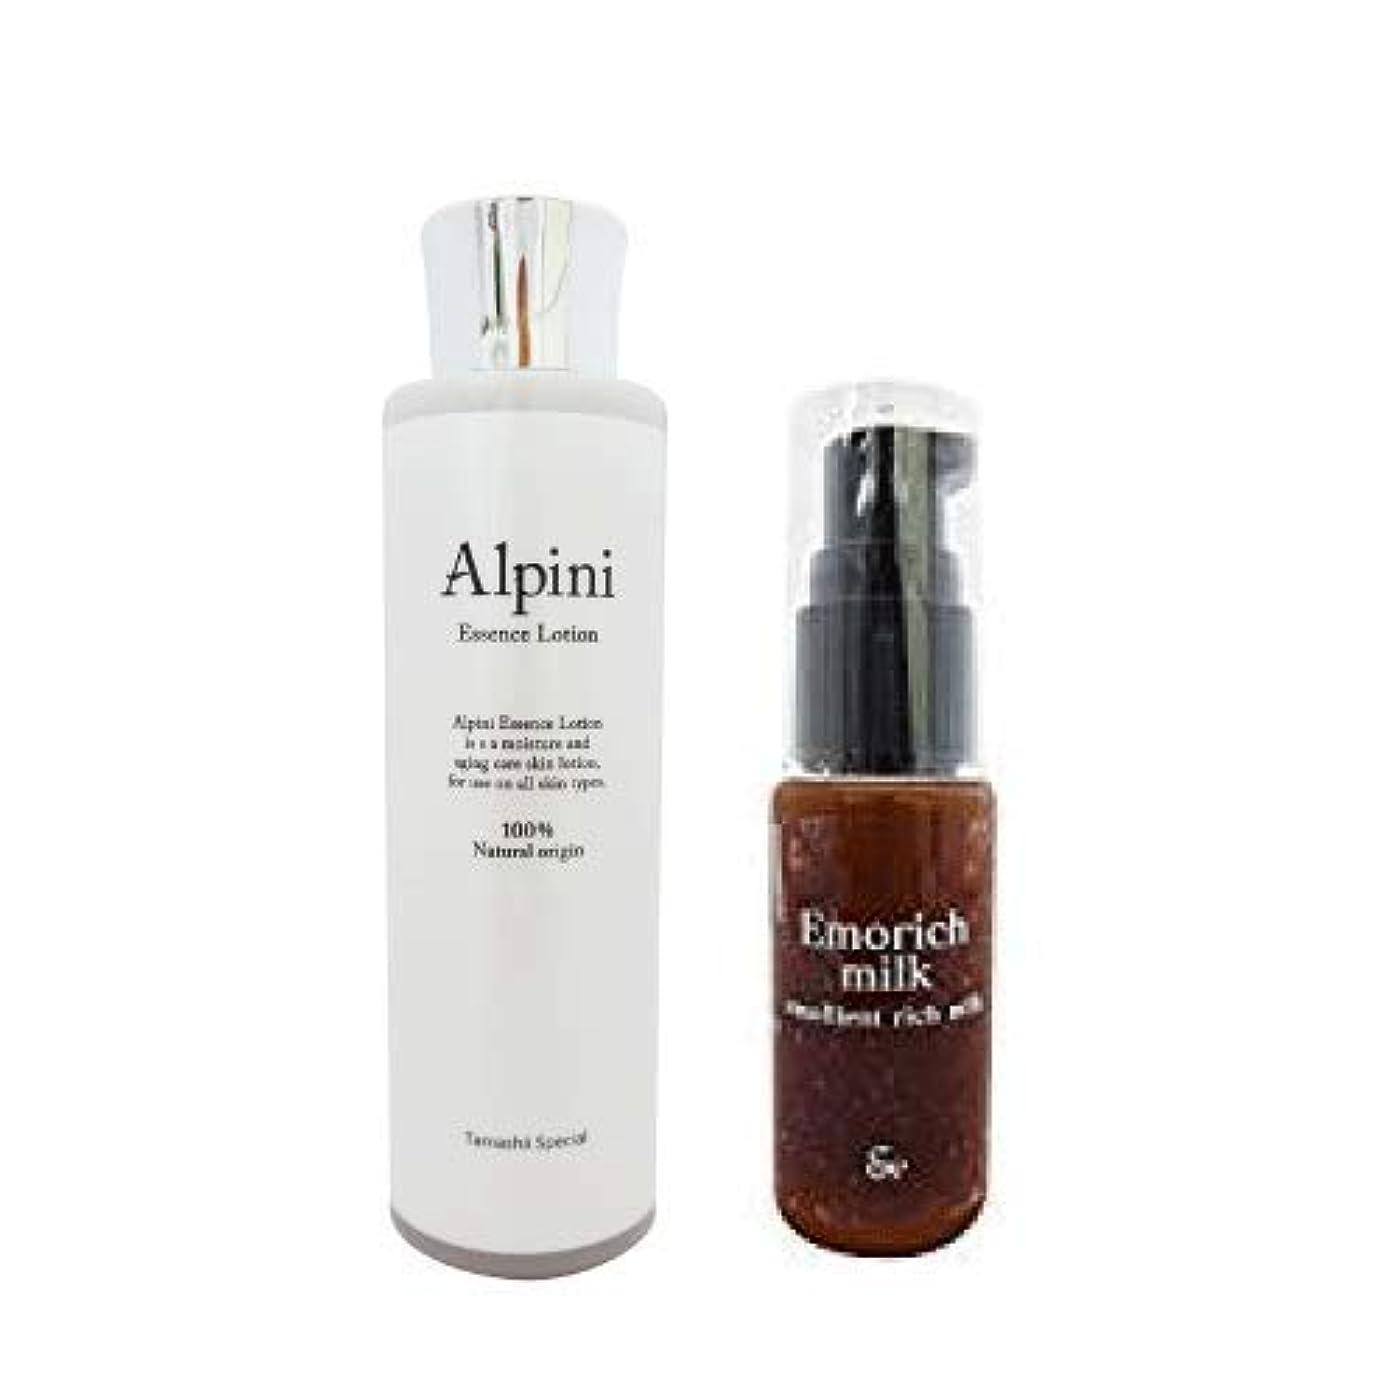 ブラシ地上の分割アルピニエッセンスローション150ml+エモリッチミルク30mlセット 完全無添加の保湿化粧水と乳液(ミルク美容液)セット